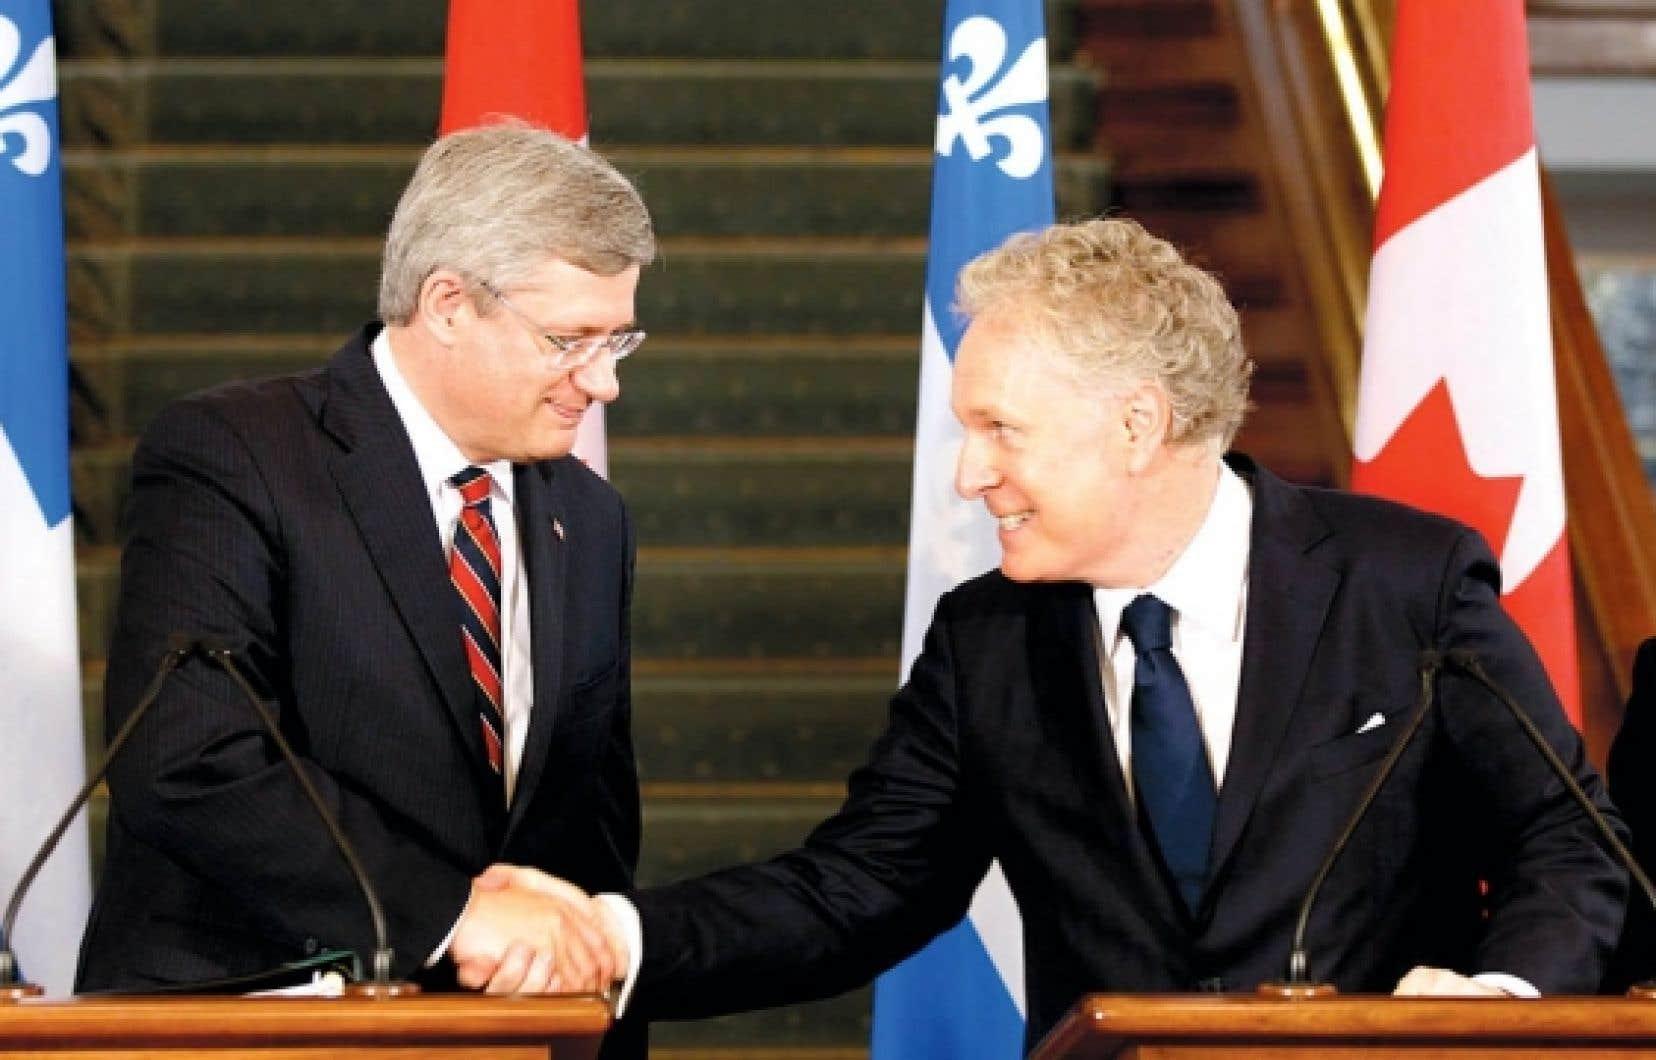 Une poignée de main longtemps attendue entre un premier ministre fédéral et son homologue québécois: le Québec réclame la compensation pour l'harmonisation des taxes de vente depuis 1992.<br />